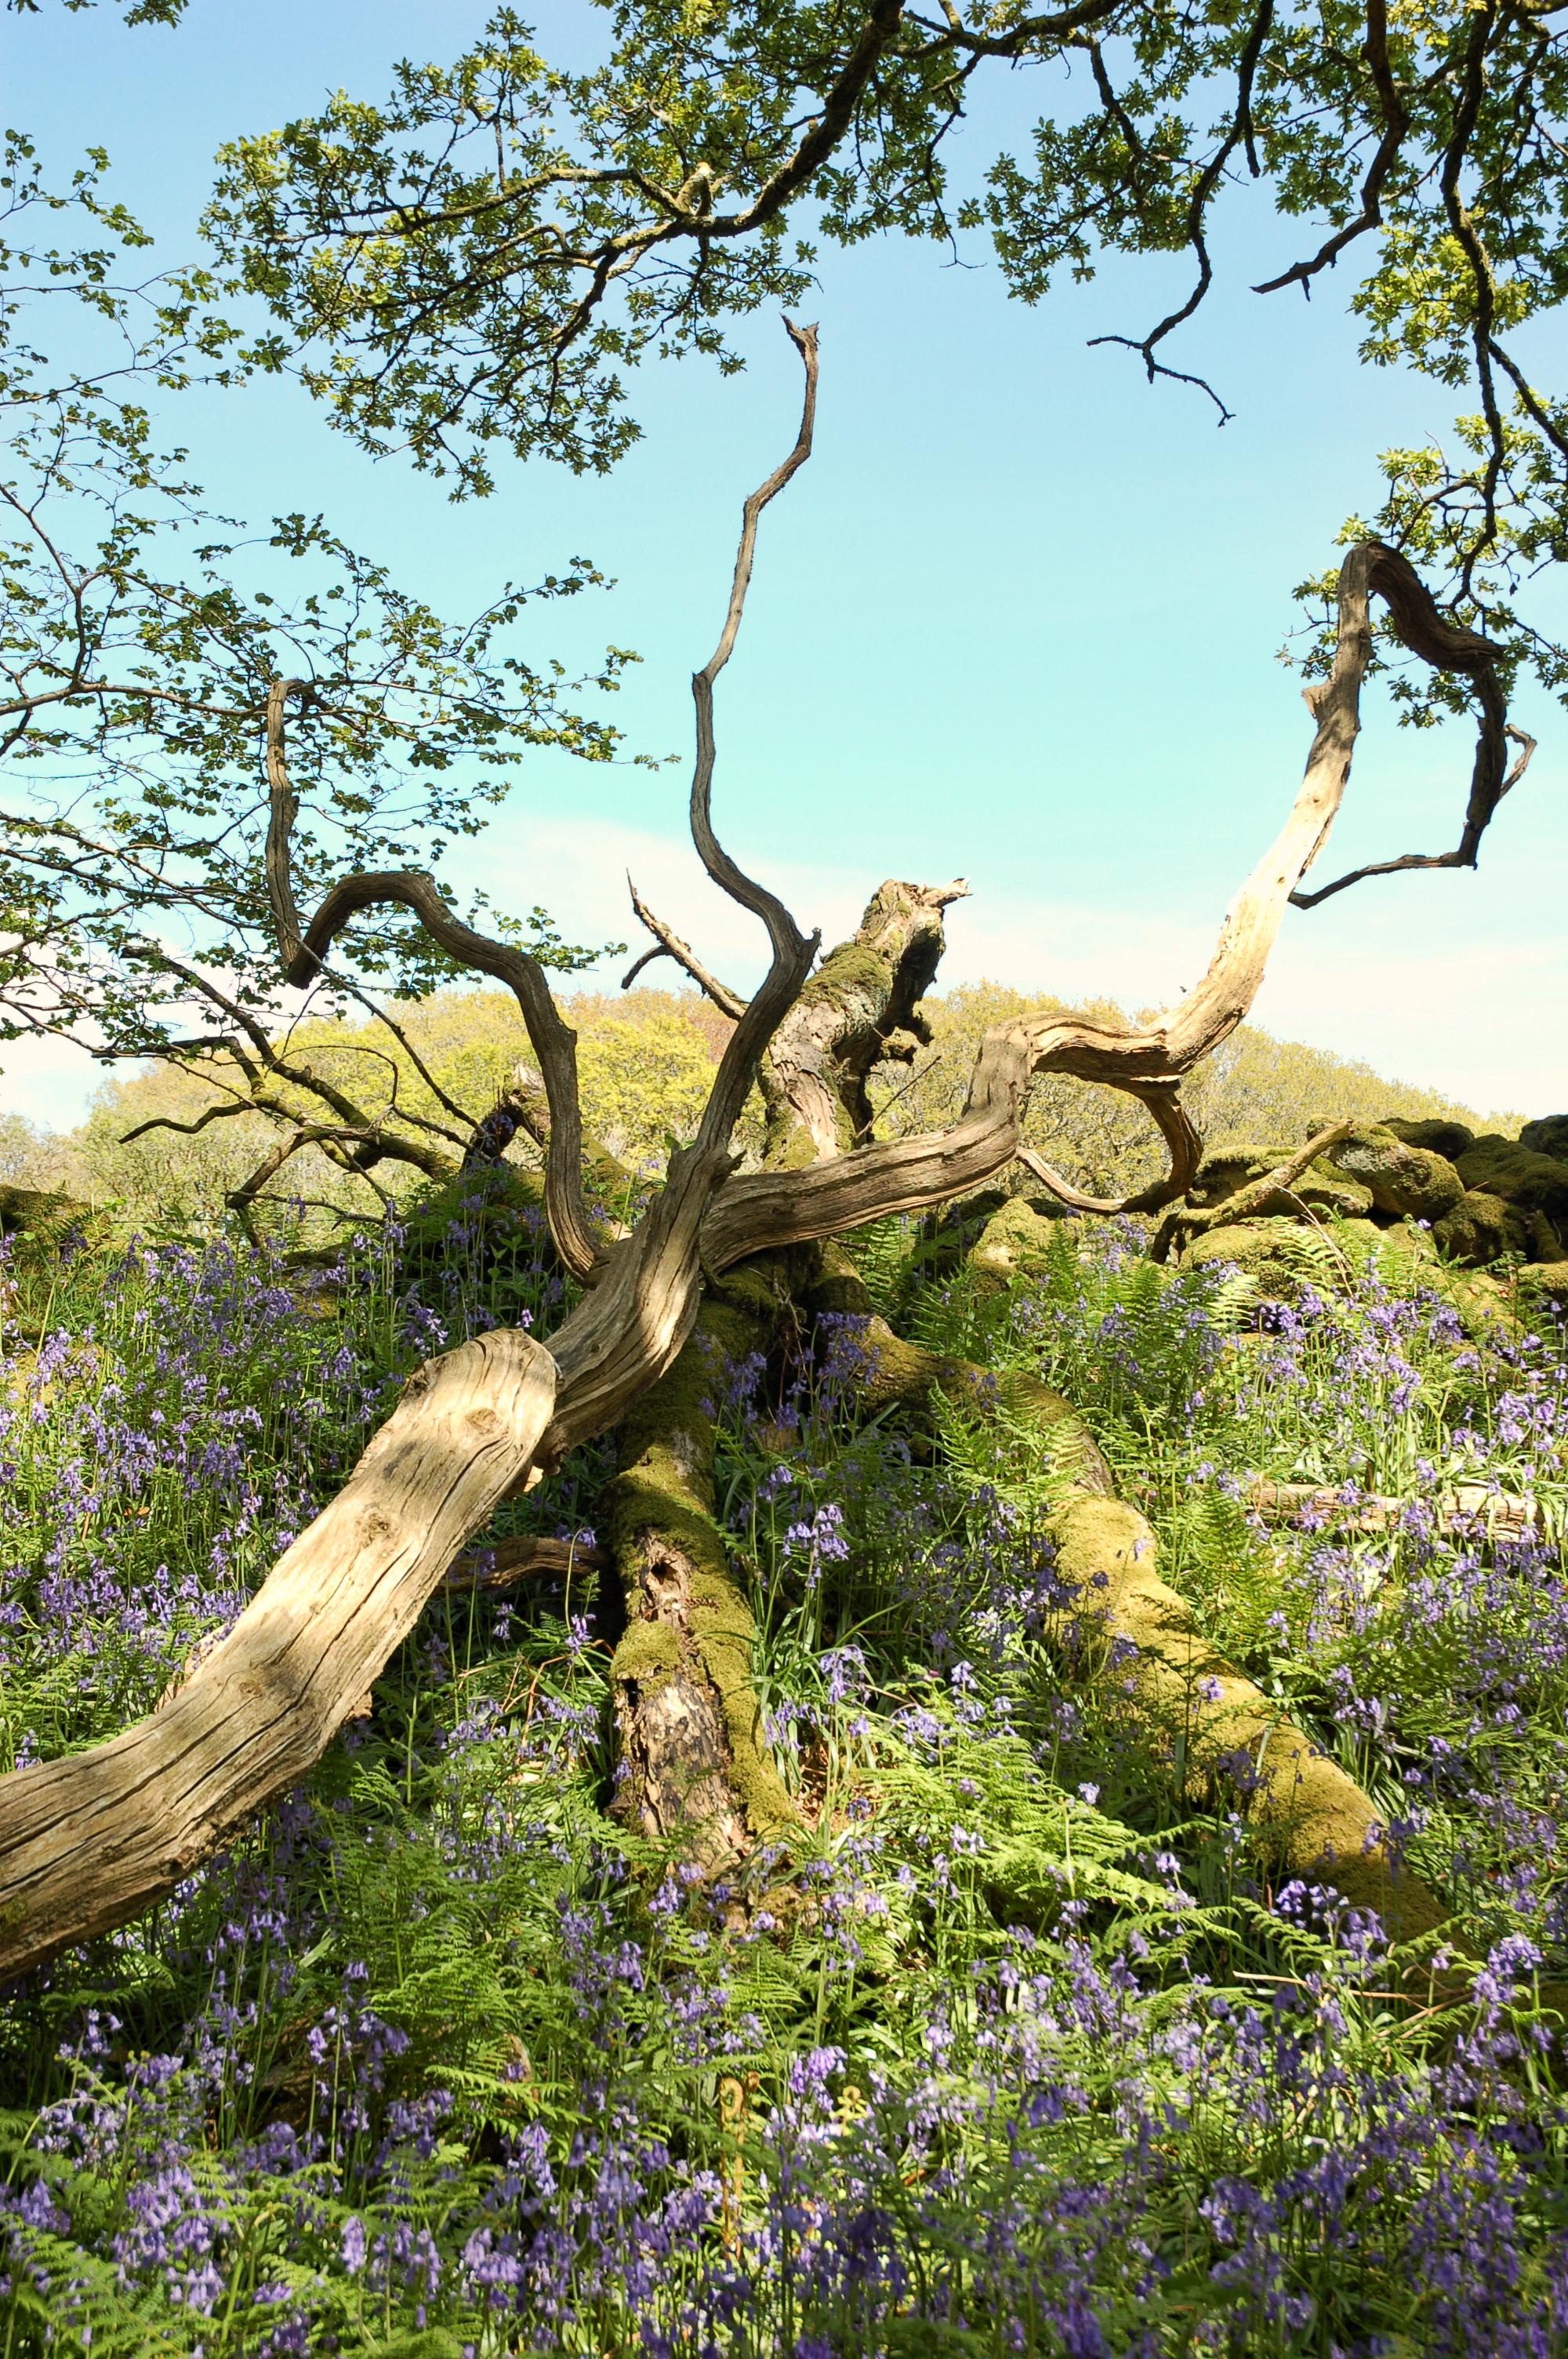 Devon bluebells